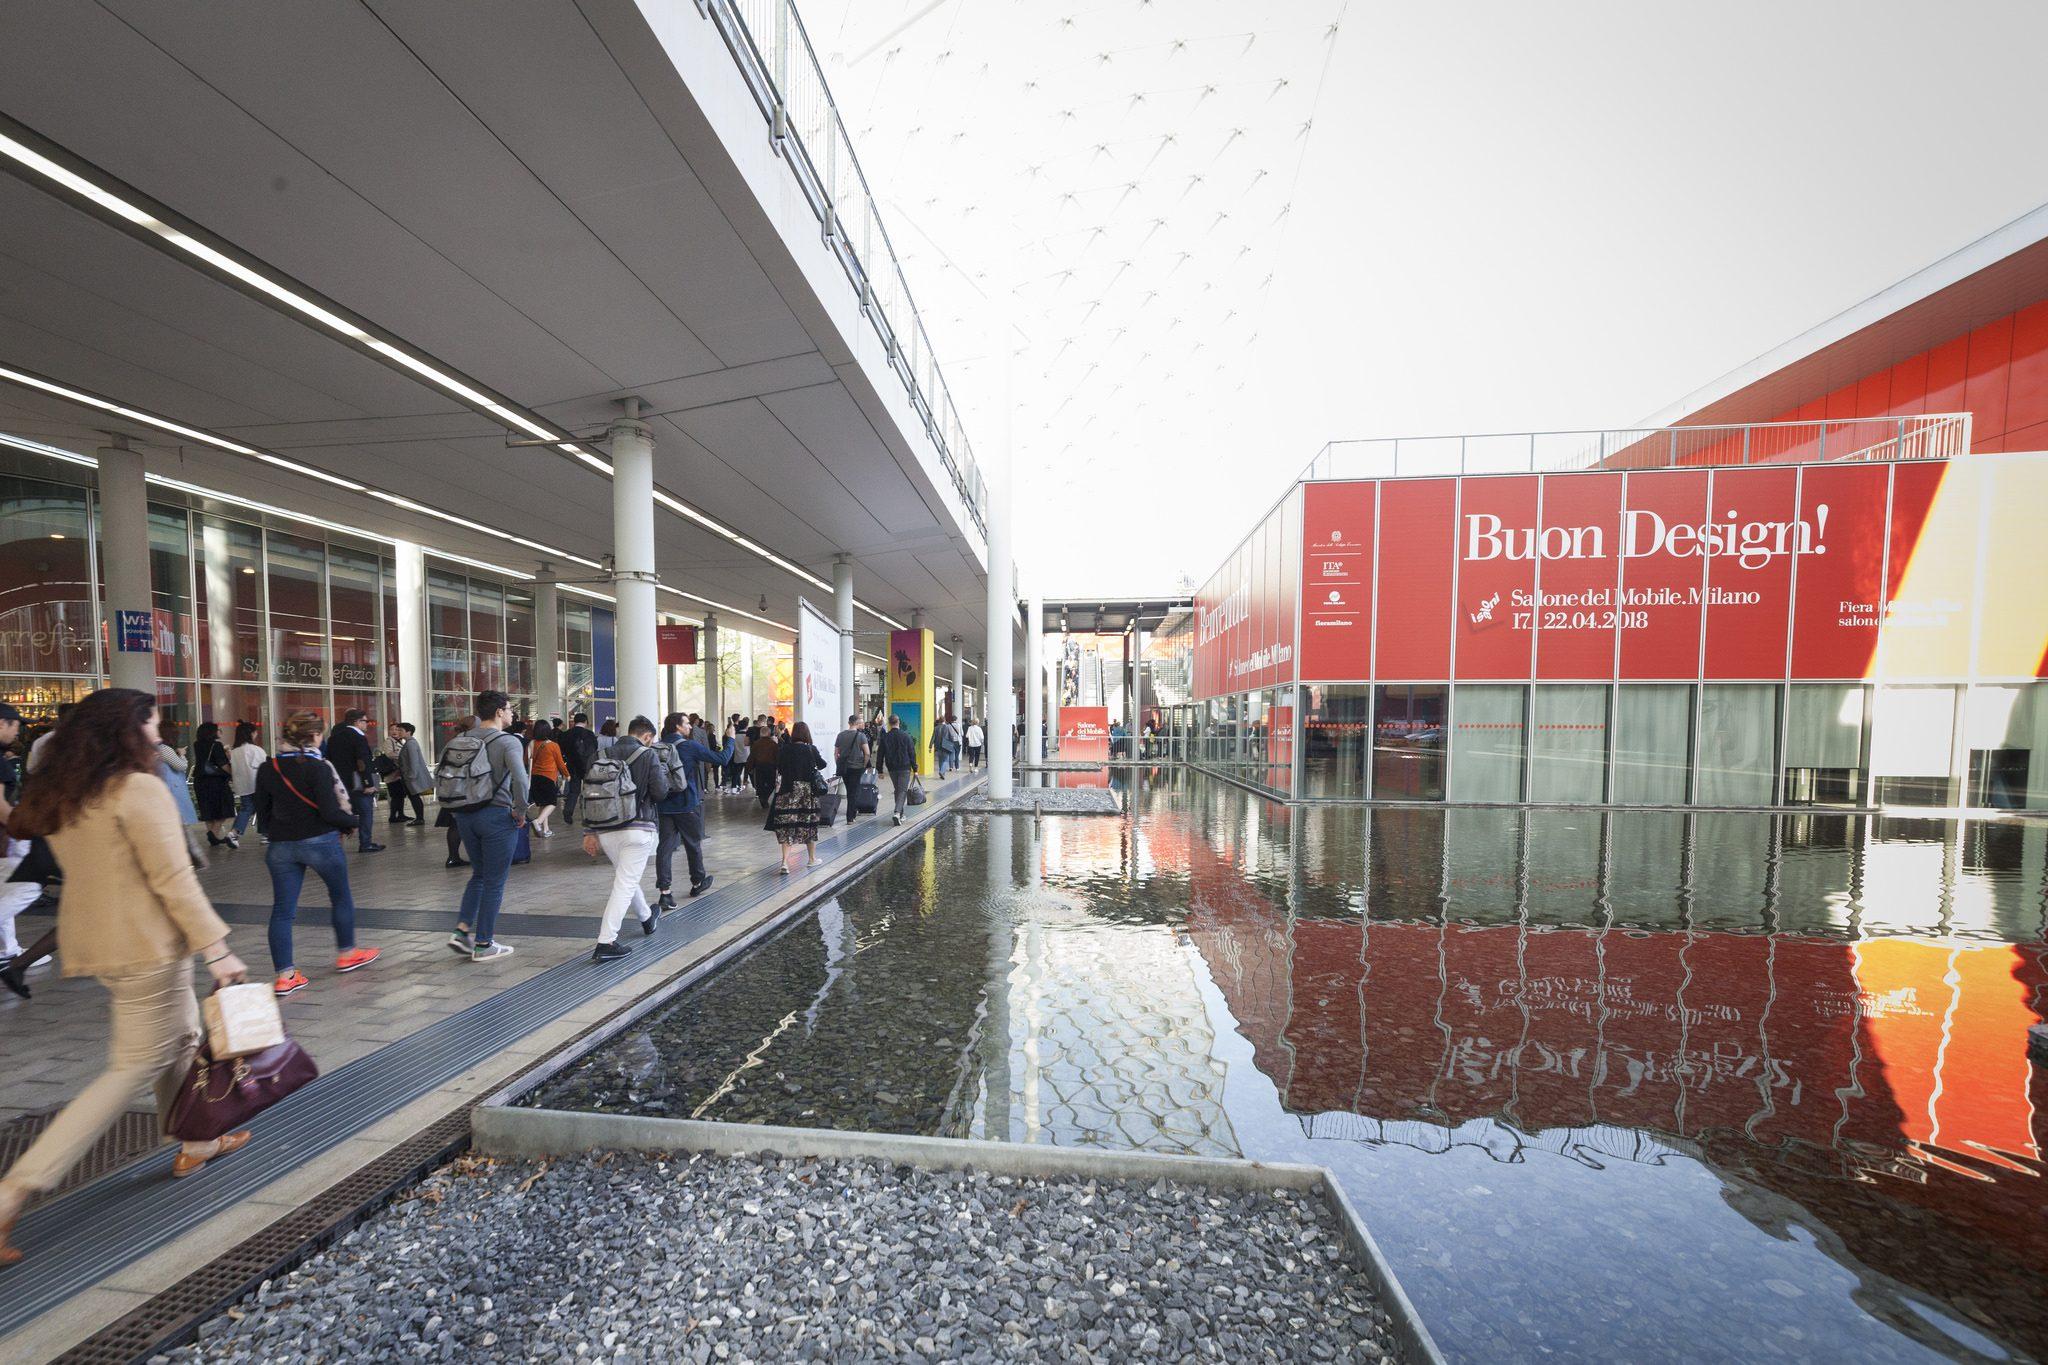 Salone del Mobile.Milano 2019: tutte le novità della 58a edizione